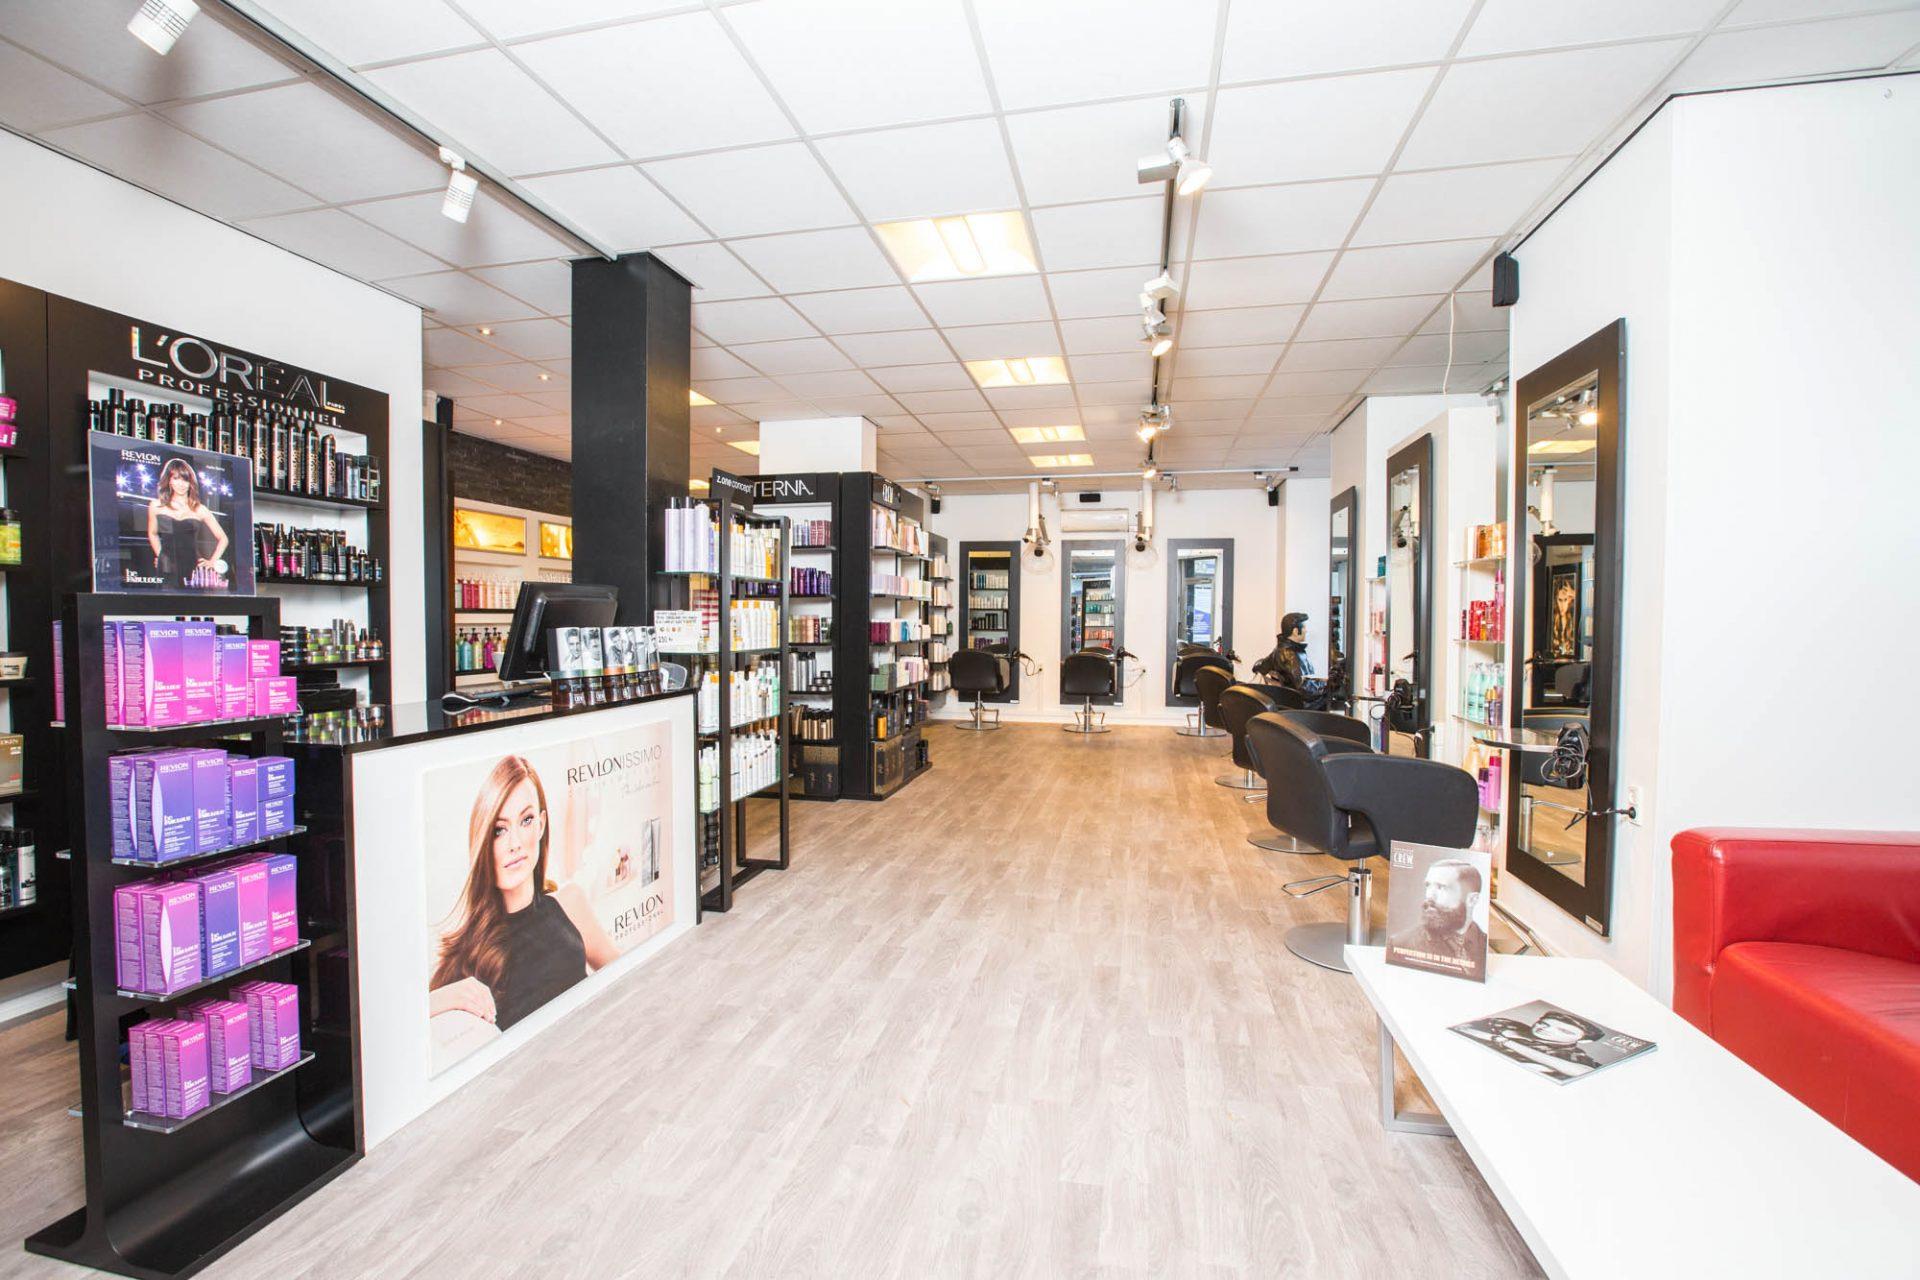 Frisørsalon Valby, Frederiksberg, Hvidovre, spejle på væggen og produkter på hylderne